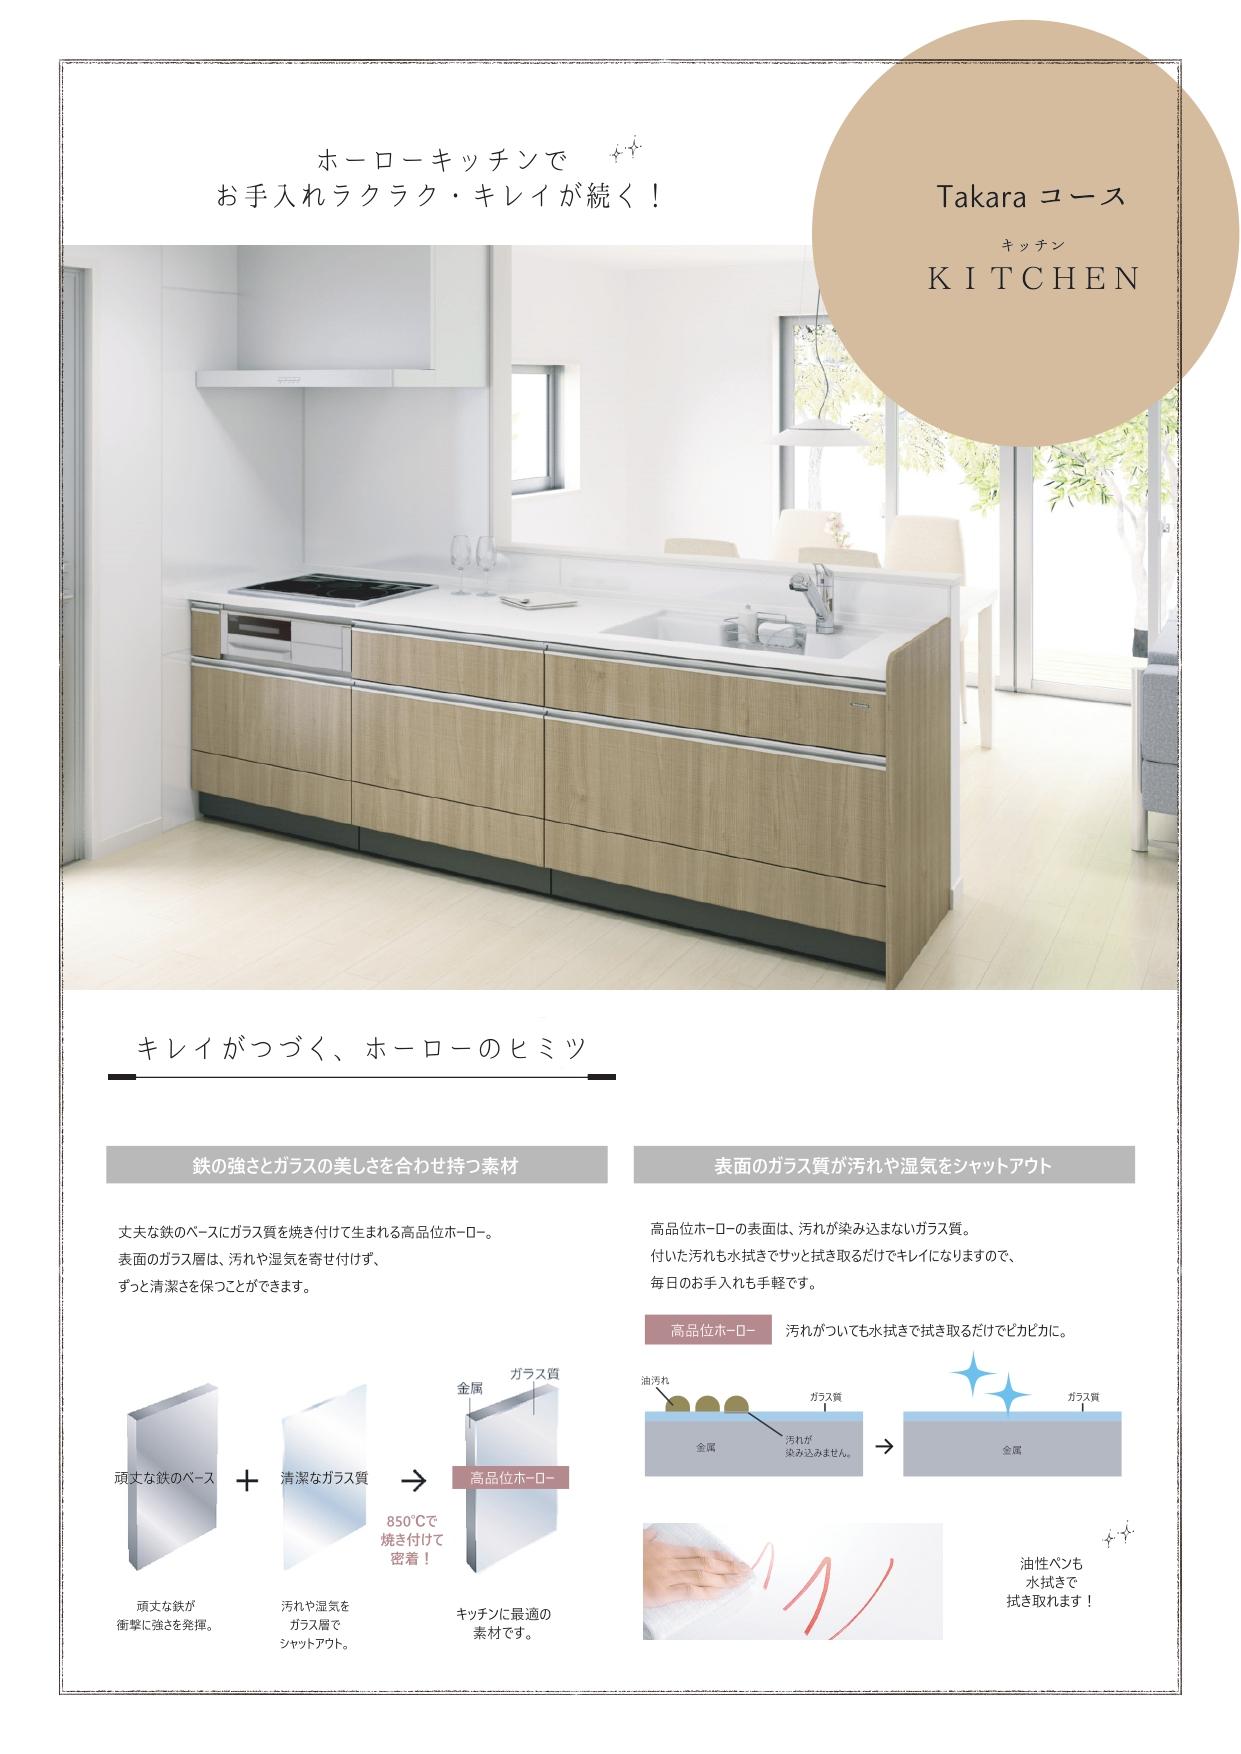 タカラスタンダードコース設備キッチン